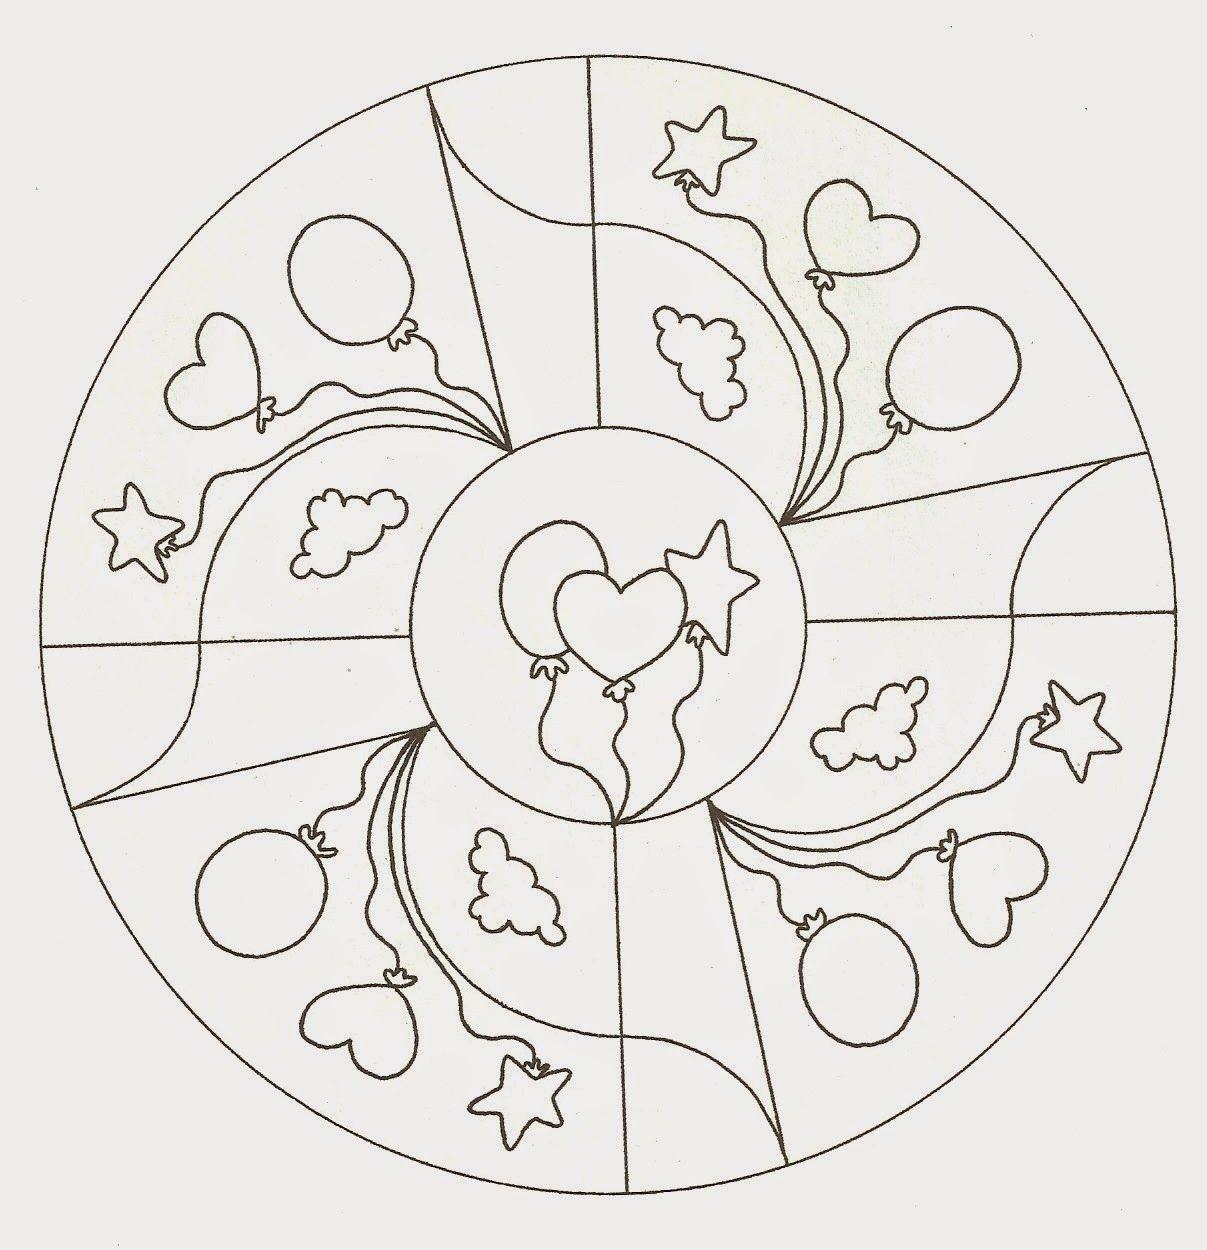 Mandalas Para Colorear Mandalas De Profesiones Mandalas Para Colorear Imagenes De Mandalas Mandalas Para Ninos